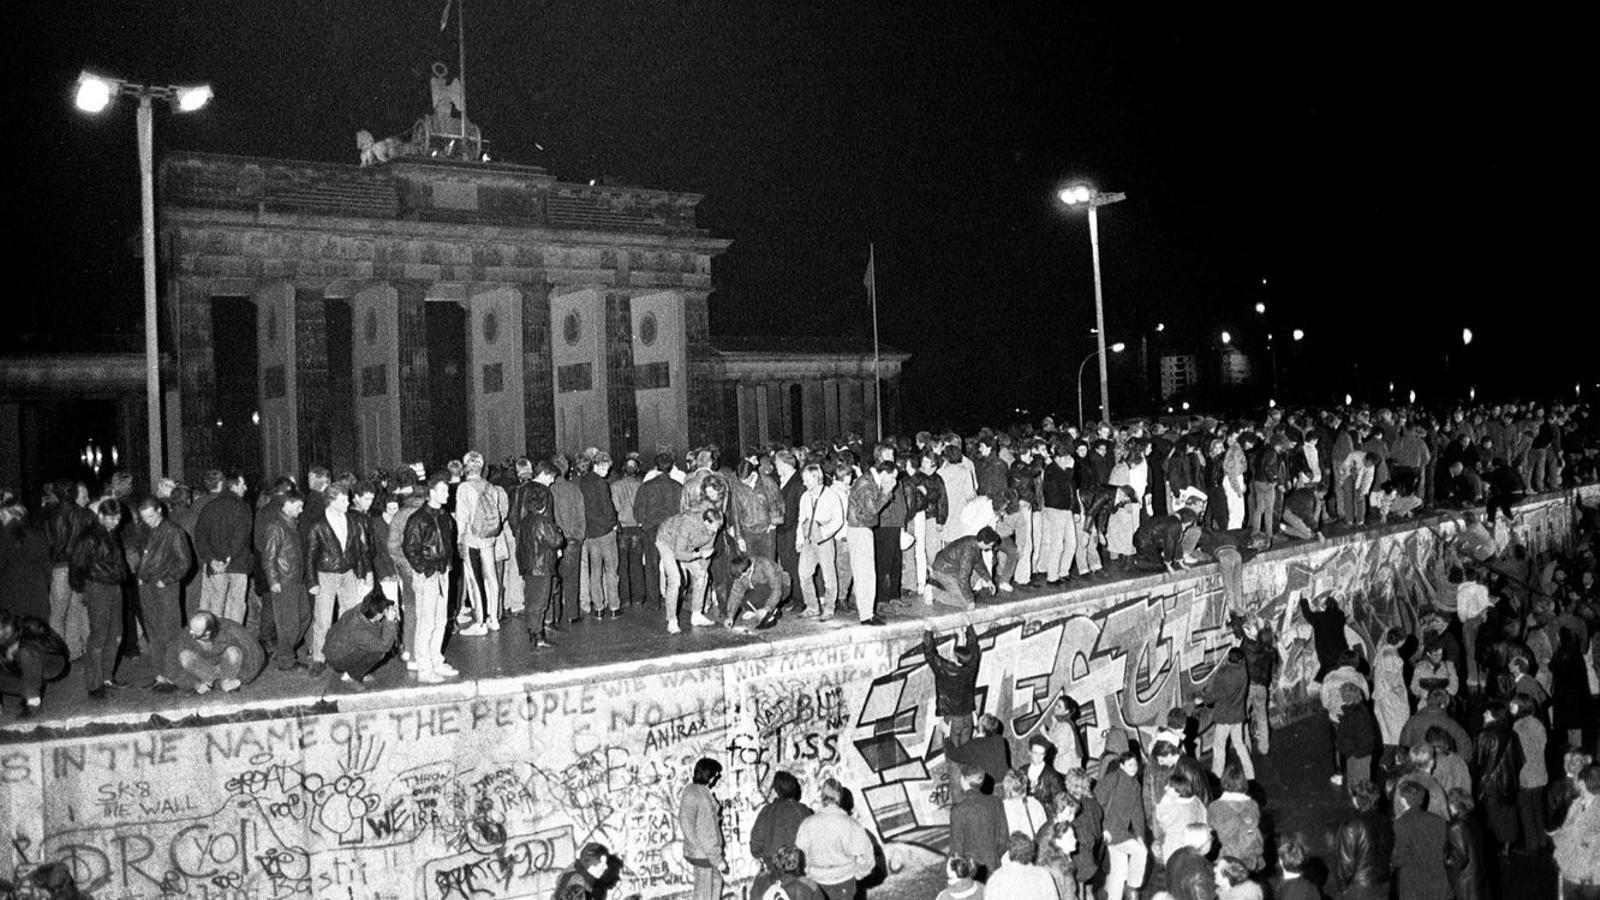 Ciutadans de Berlín Est i Oest celebrant dalt del Mur l'obertura de fronteres, la nit del 9 de novembre del 1989